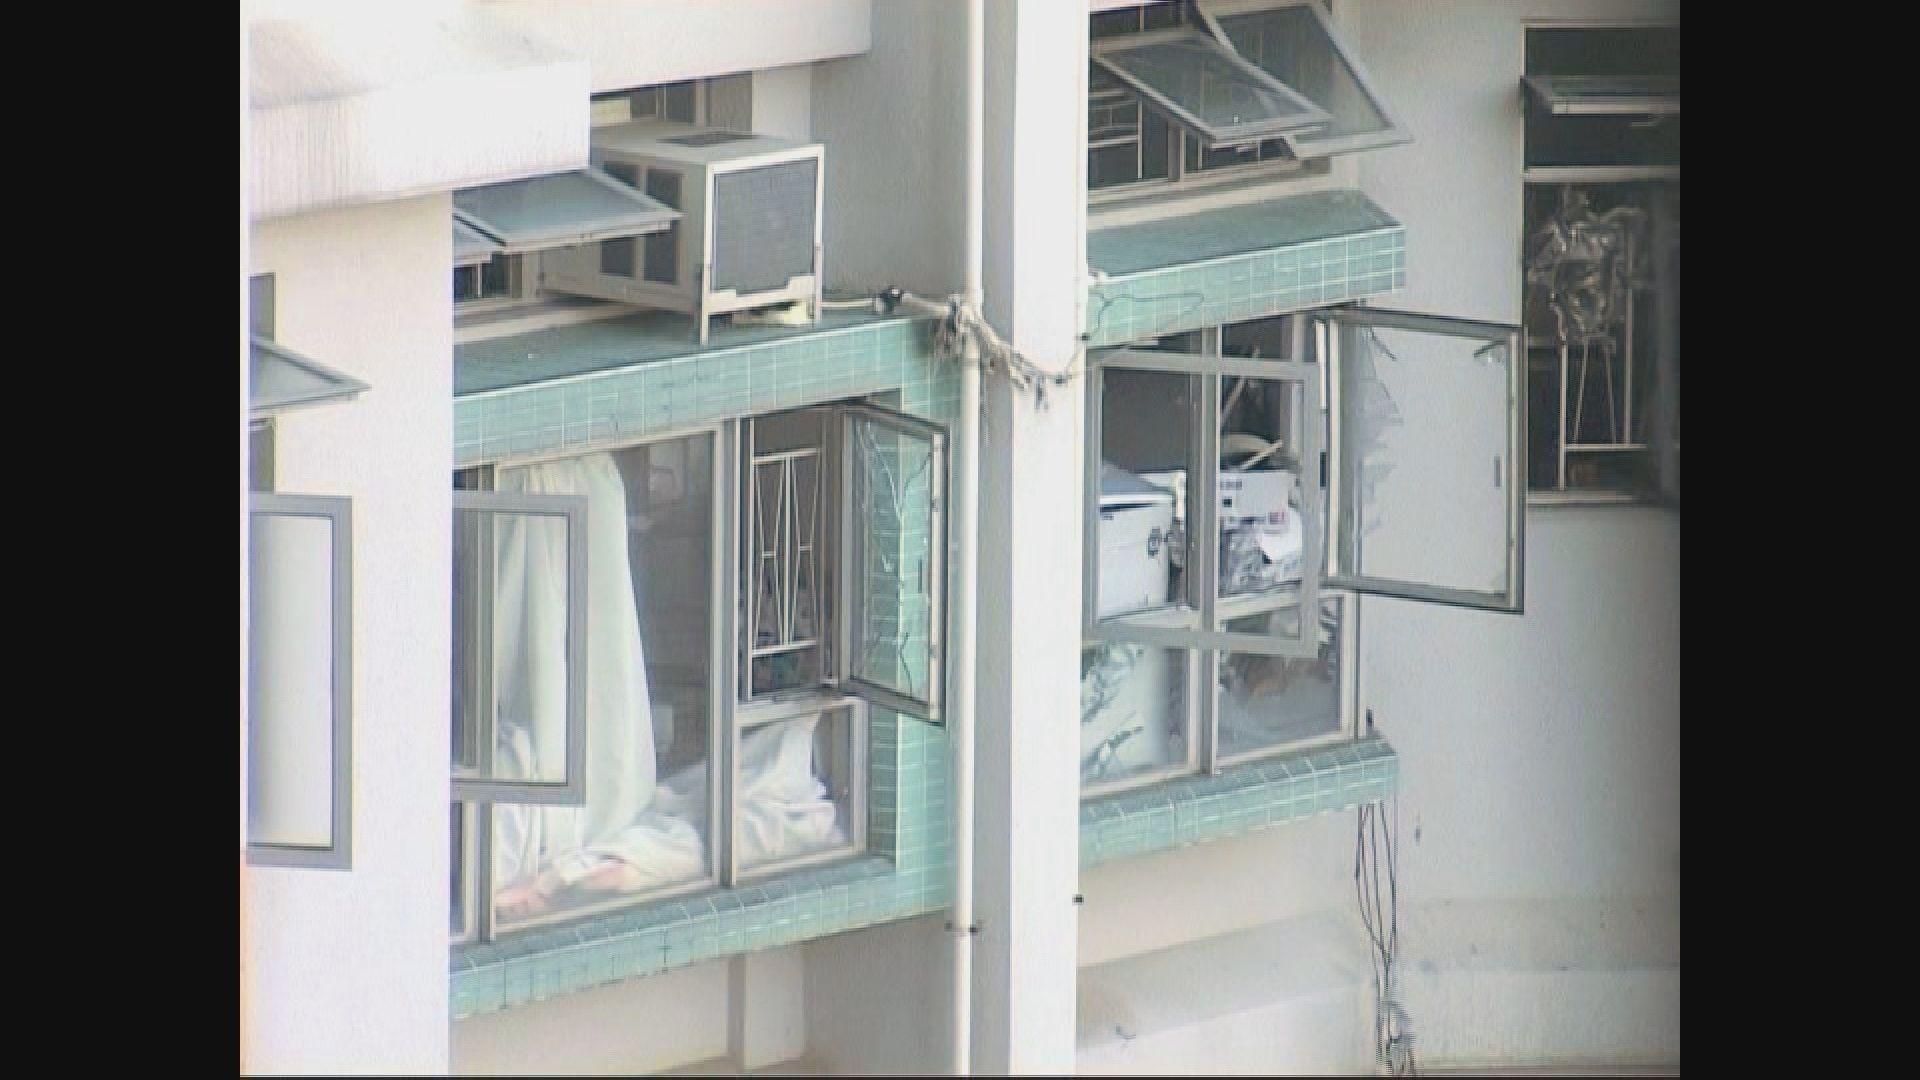 死因庭裁定石硤尾爆炸殉職消防死於意外